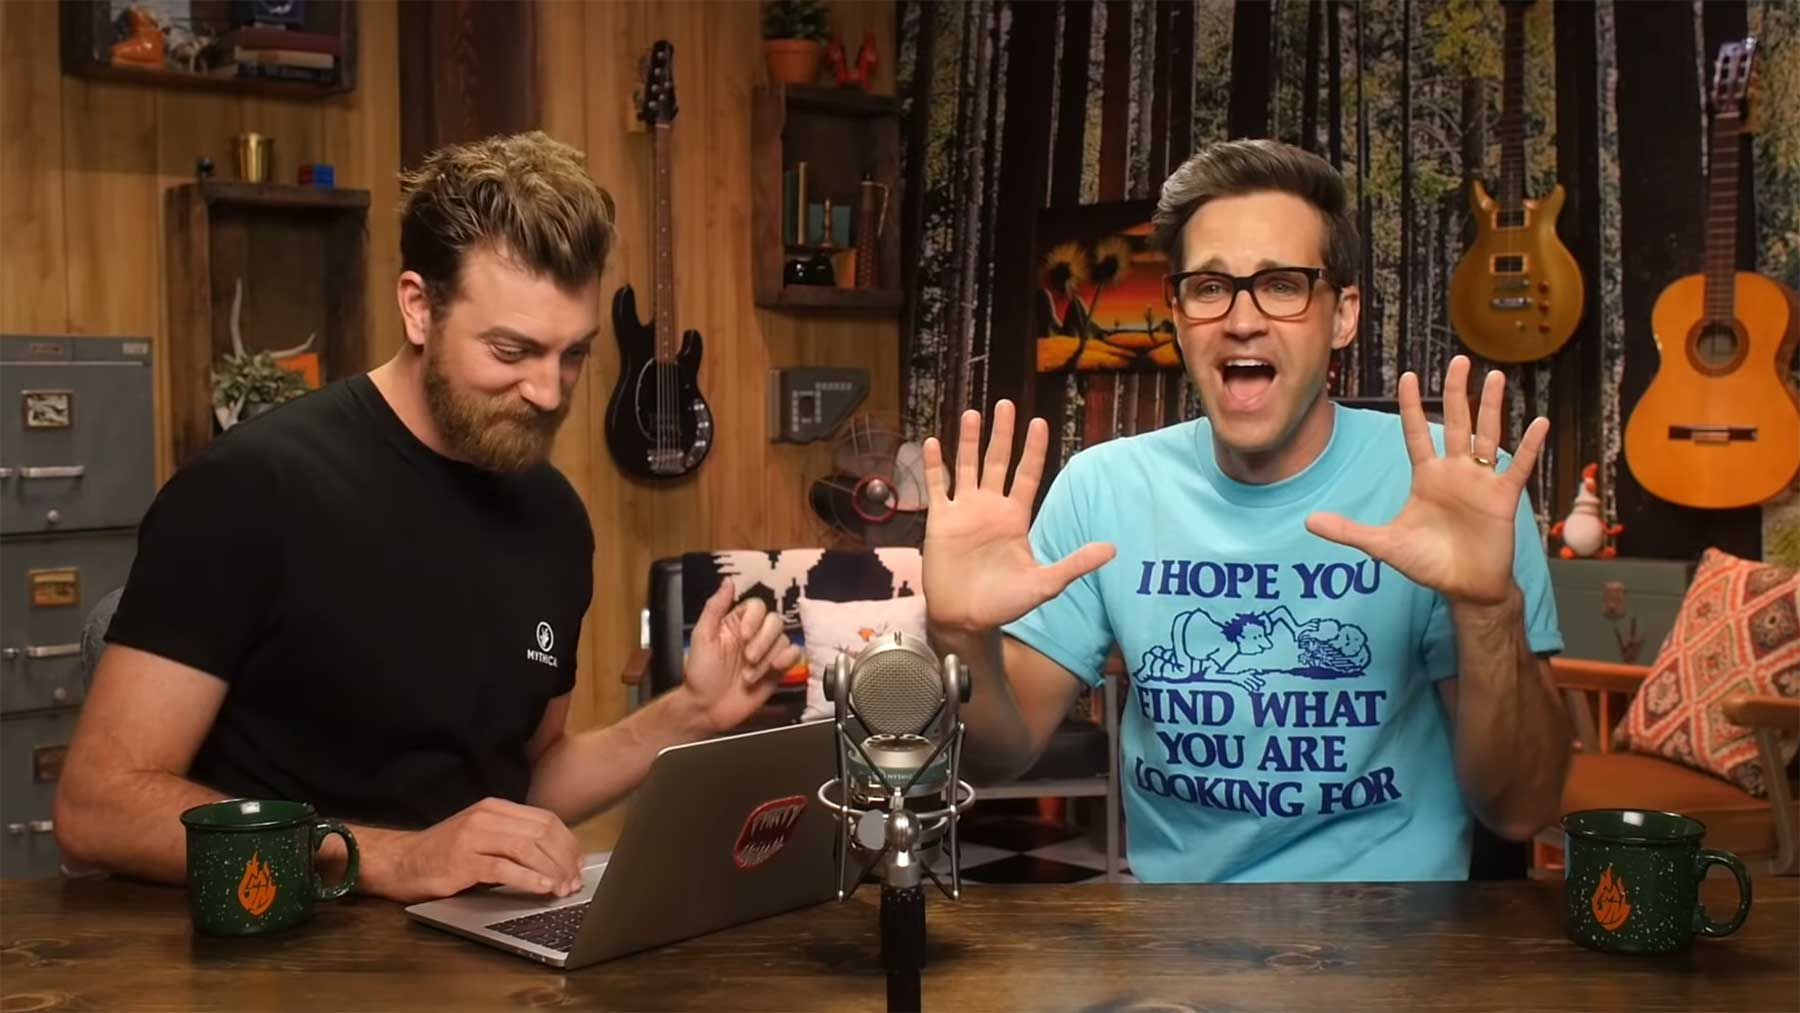 Rhett & Link versuchen, unerwartete Video-Ausgänge zu erraten